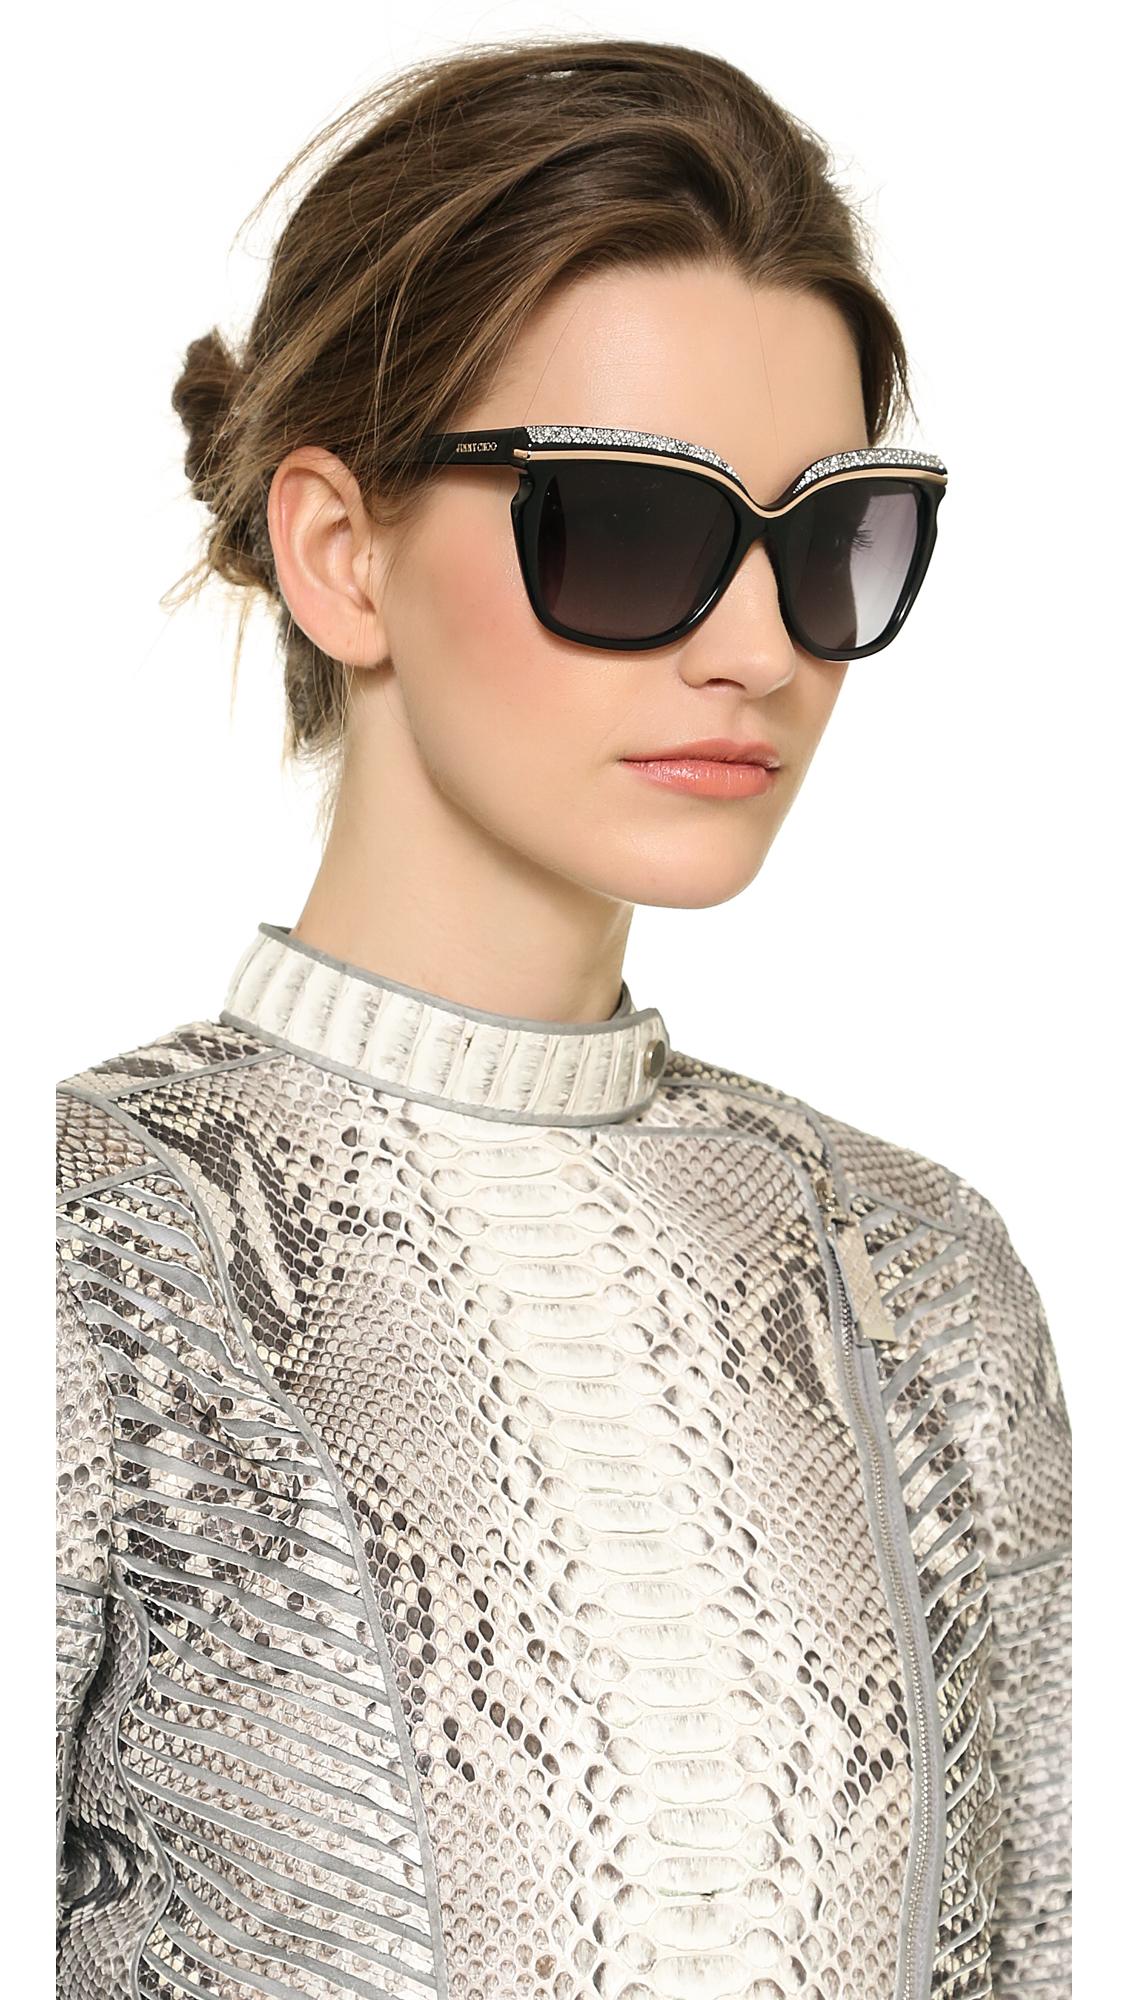 Jimmy Choo Sophia Sunglasses Nudebrown Violet in Black